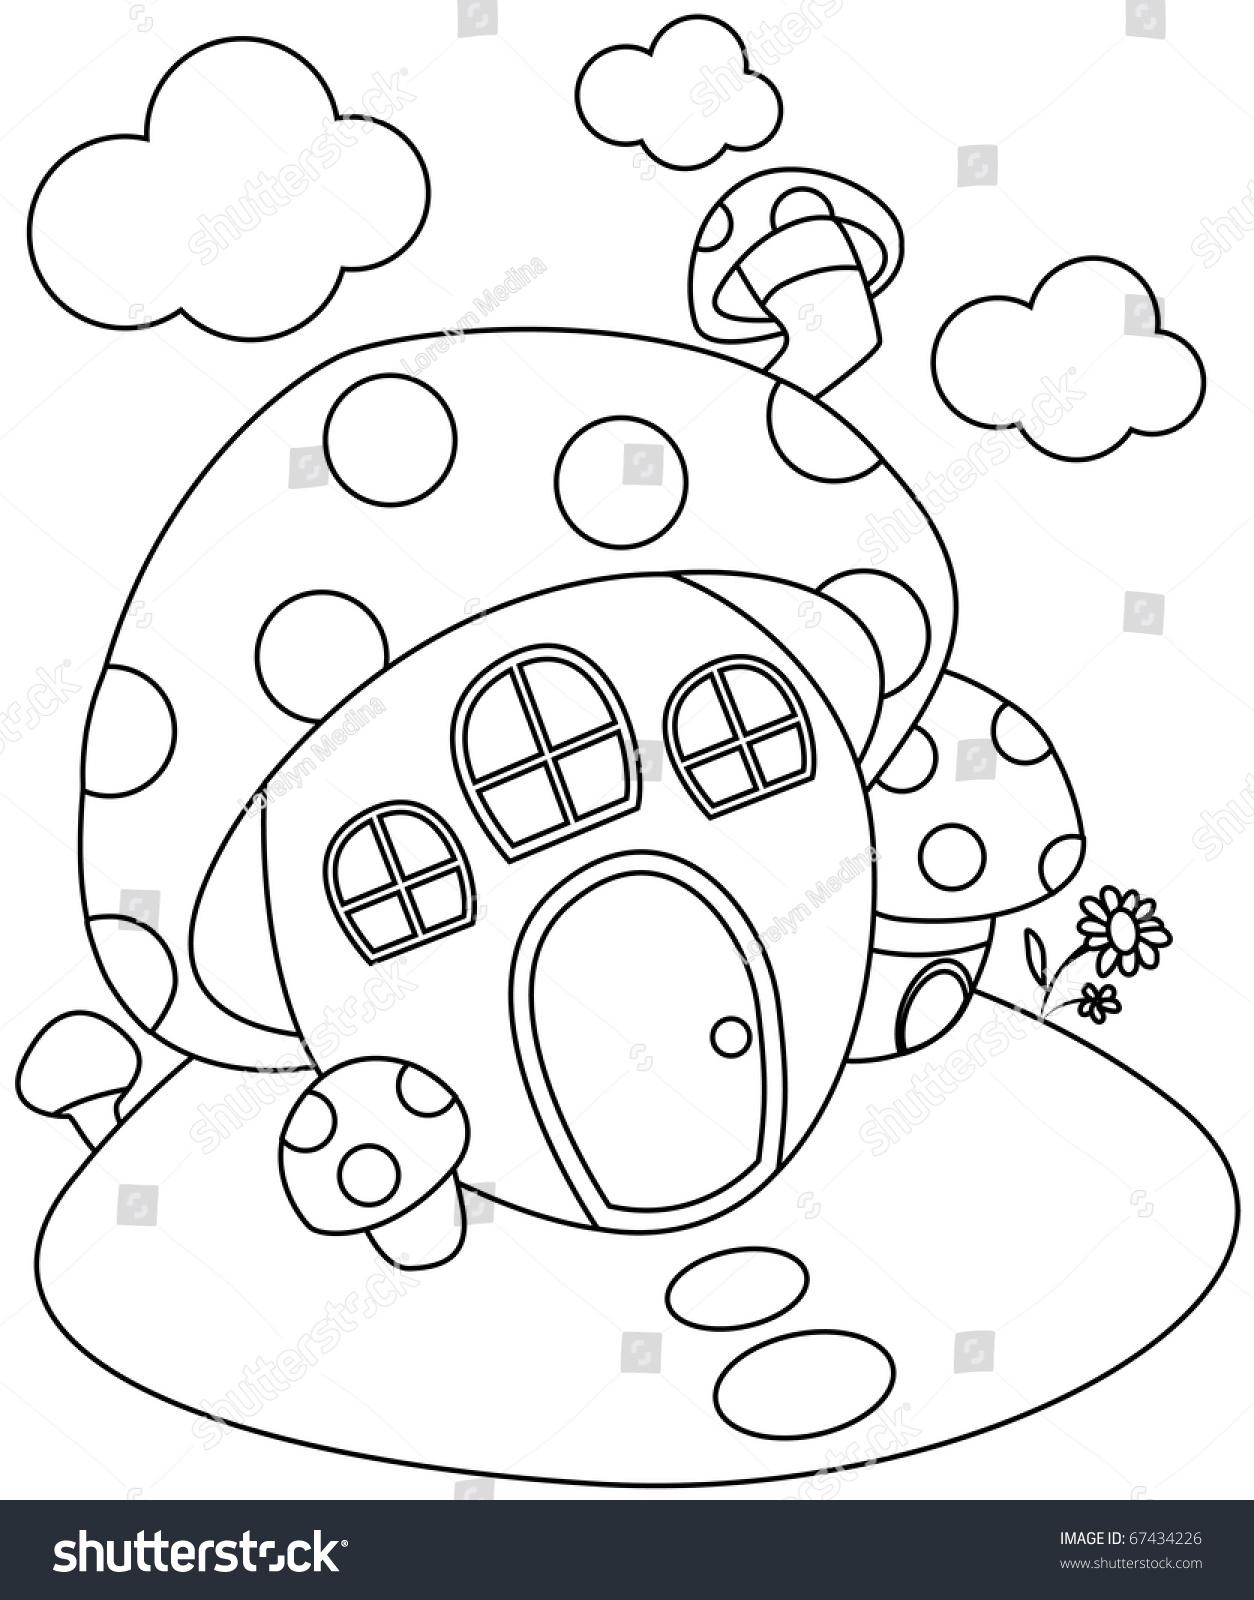 创意房子简笔画可爱